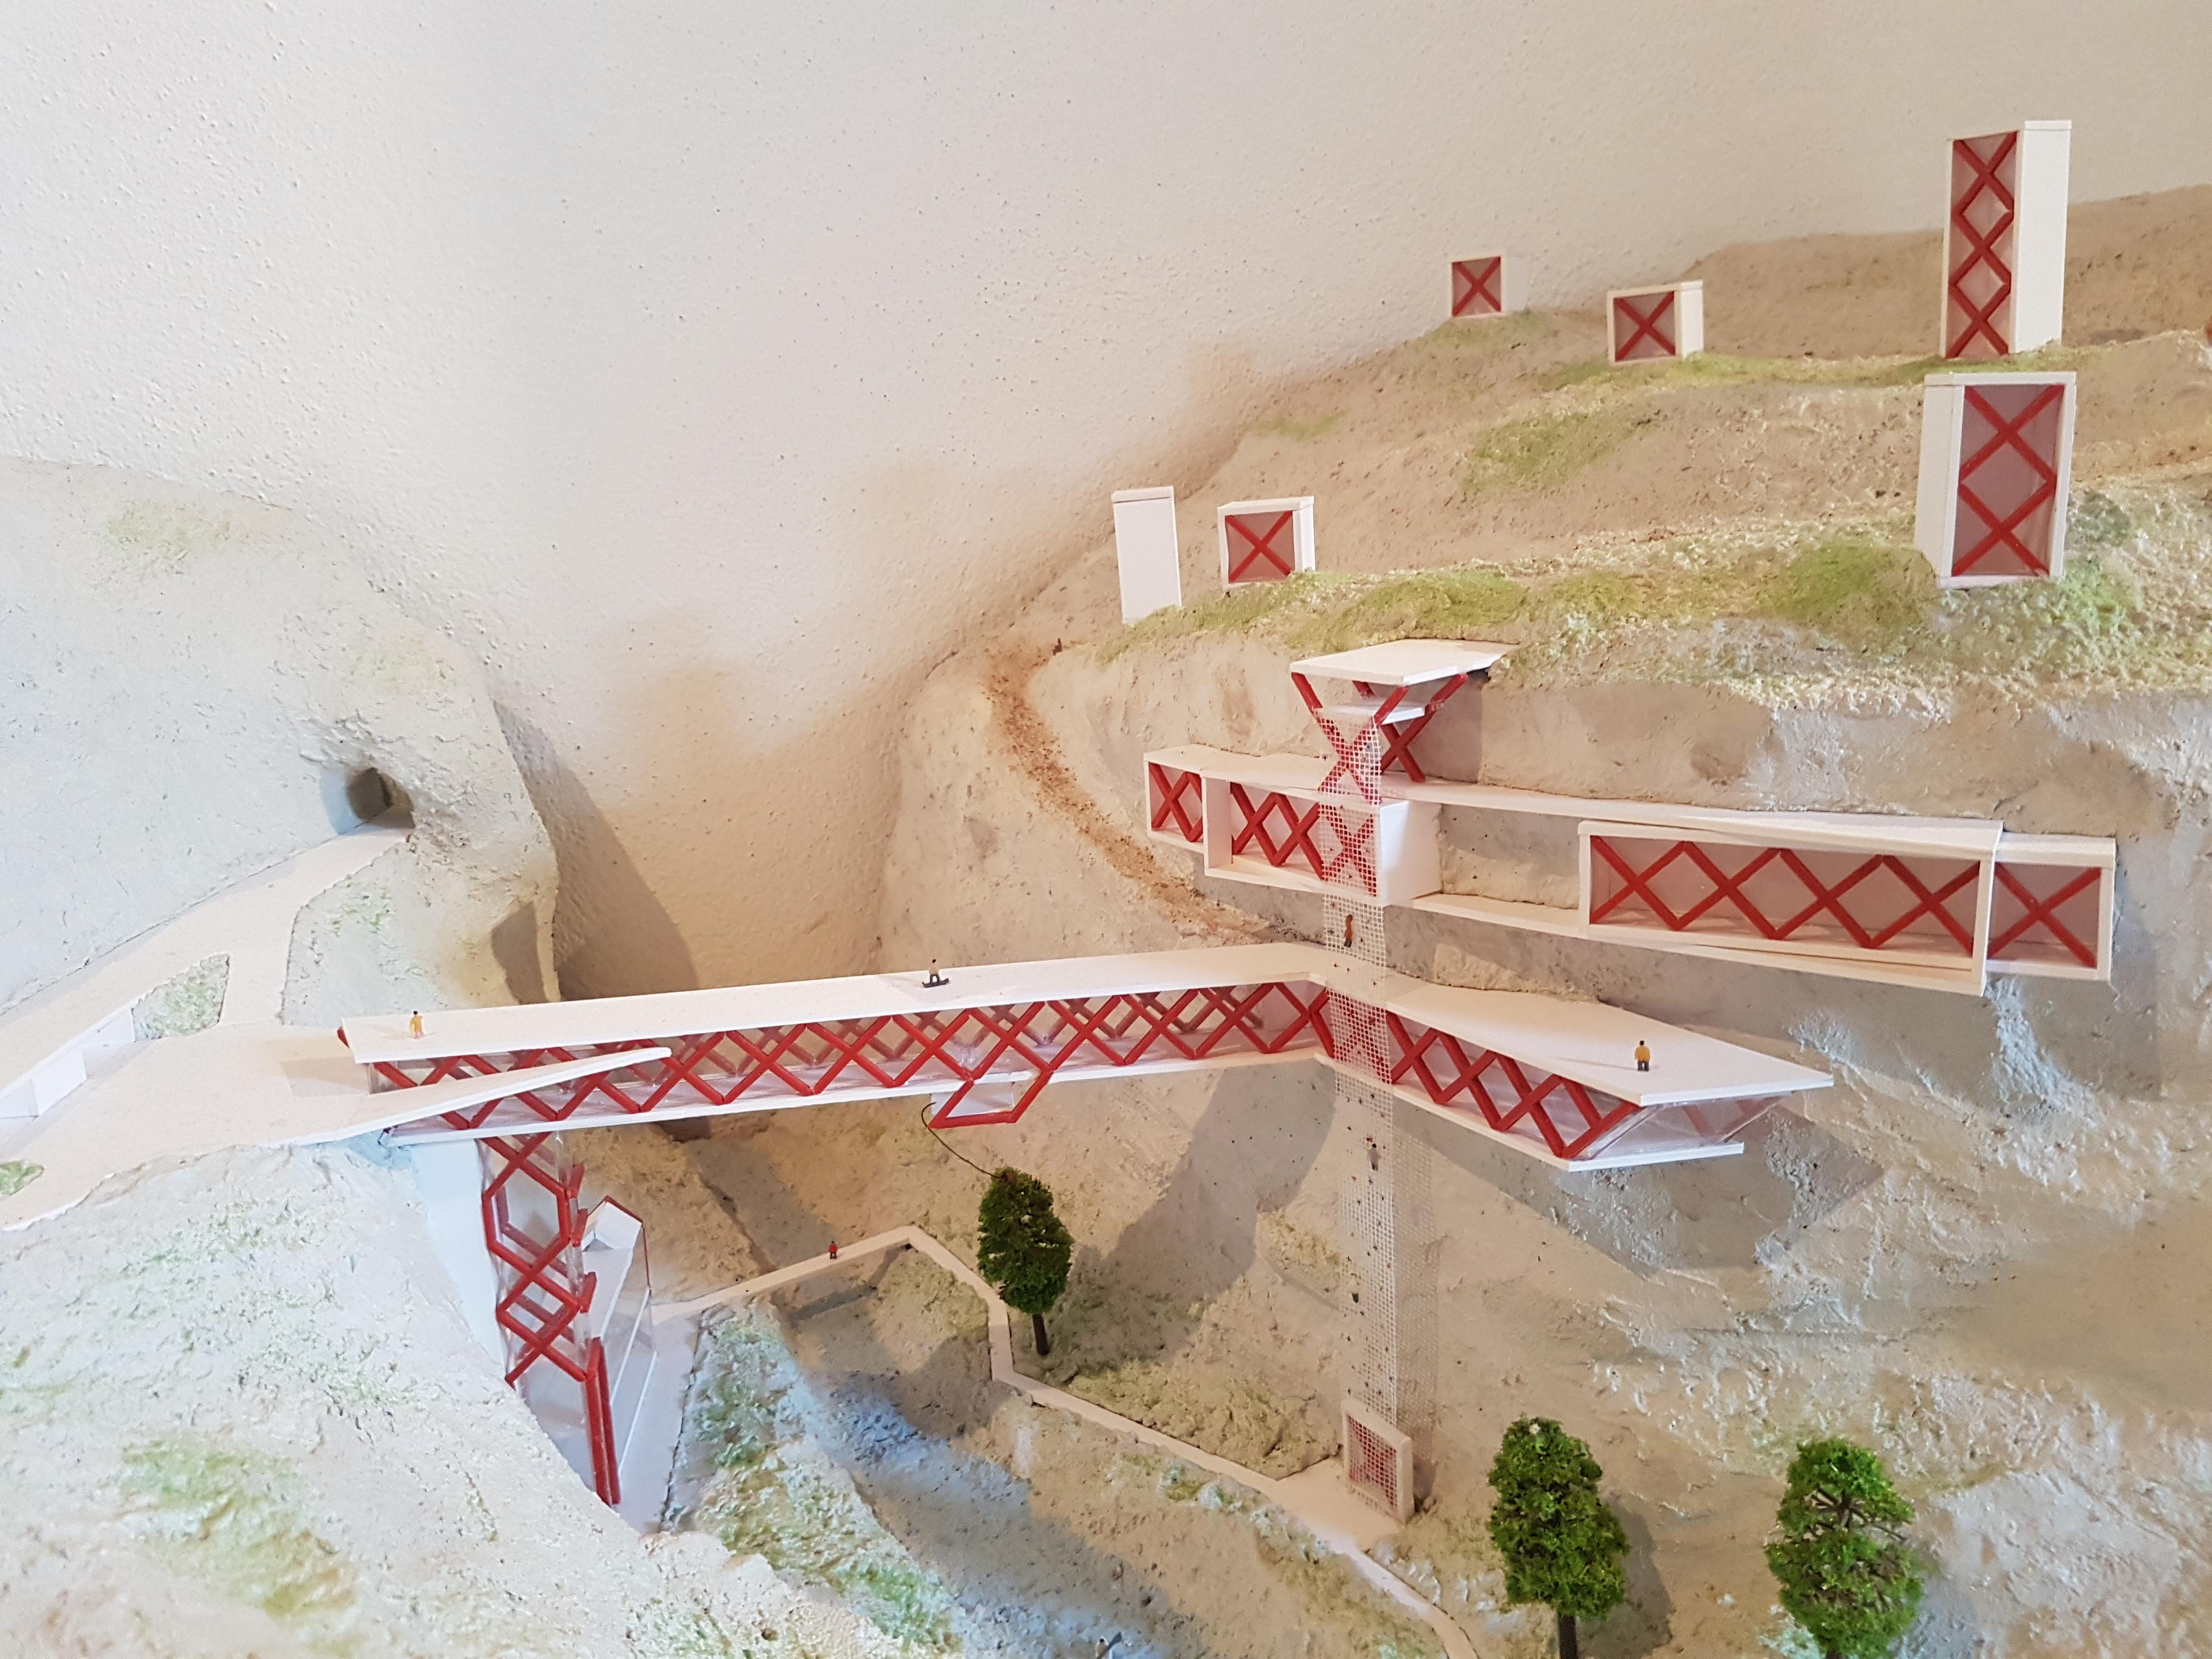 Urbanističko-arhitektonsko rješenje kompleksa ekstremnih sportova u kanjonu Platije